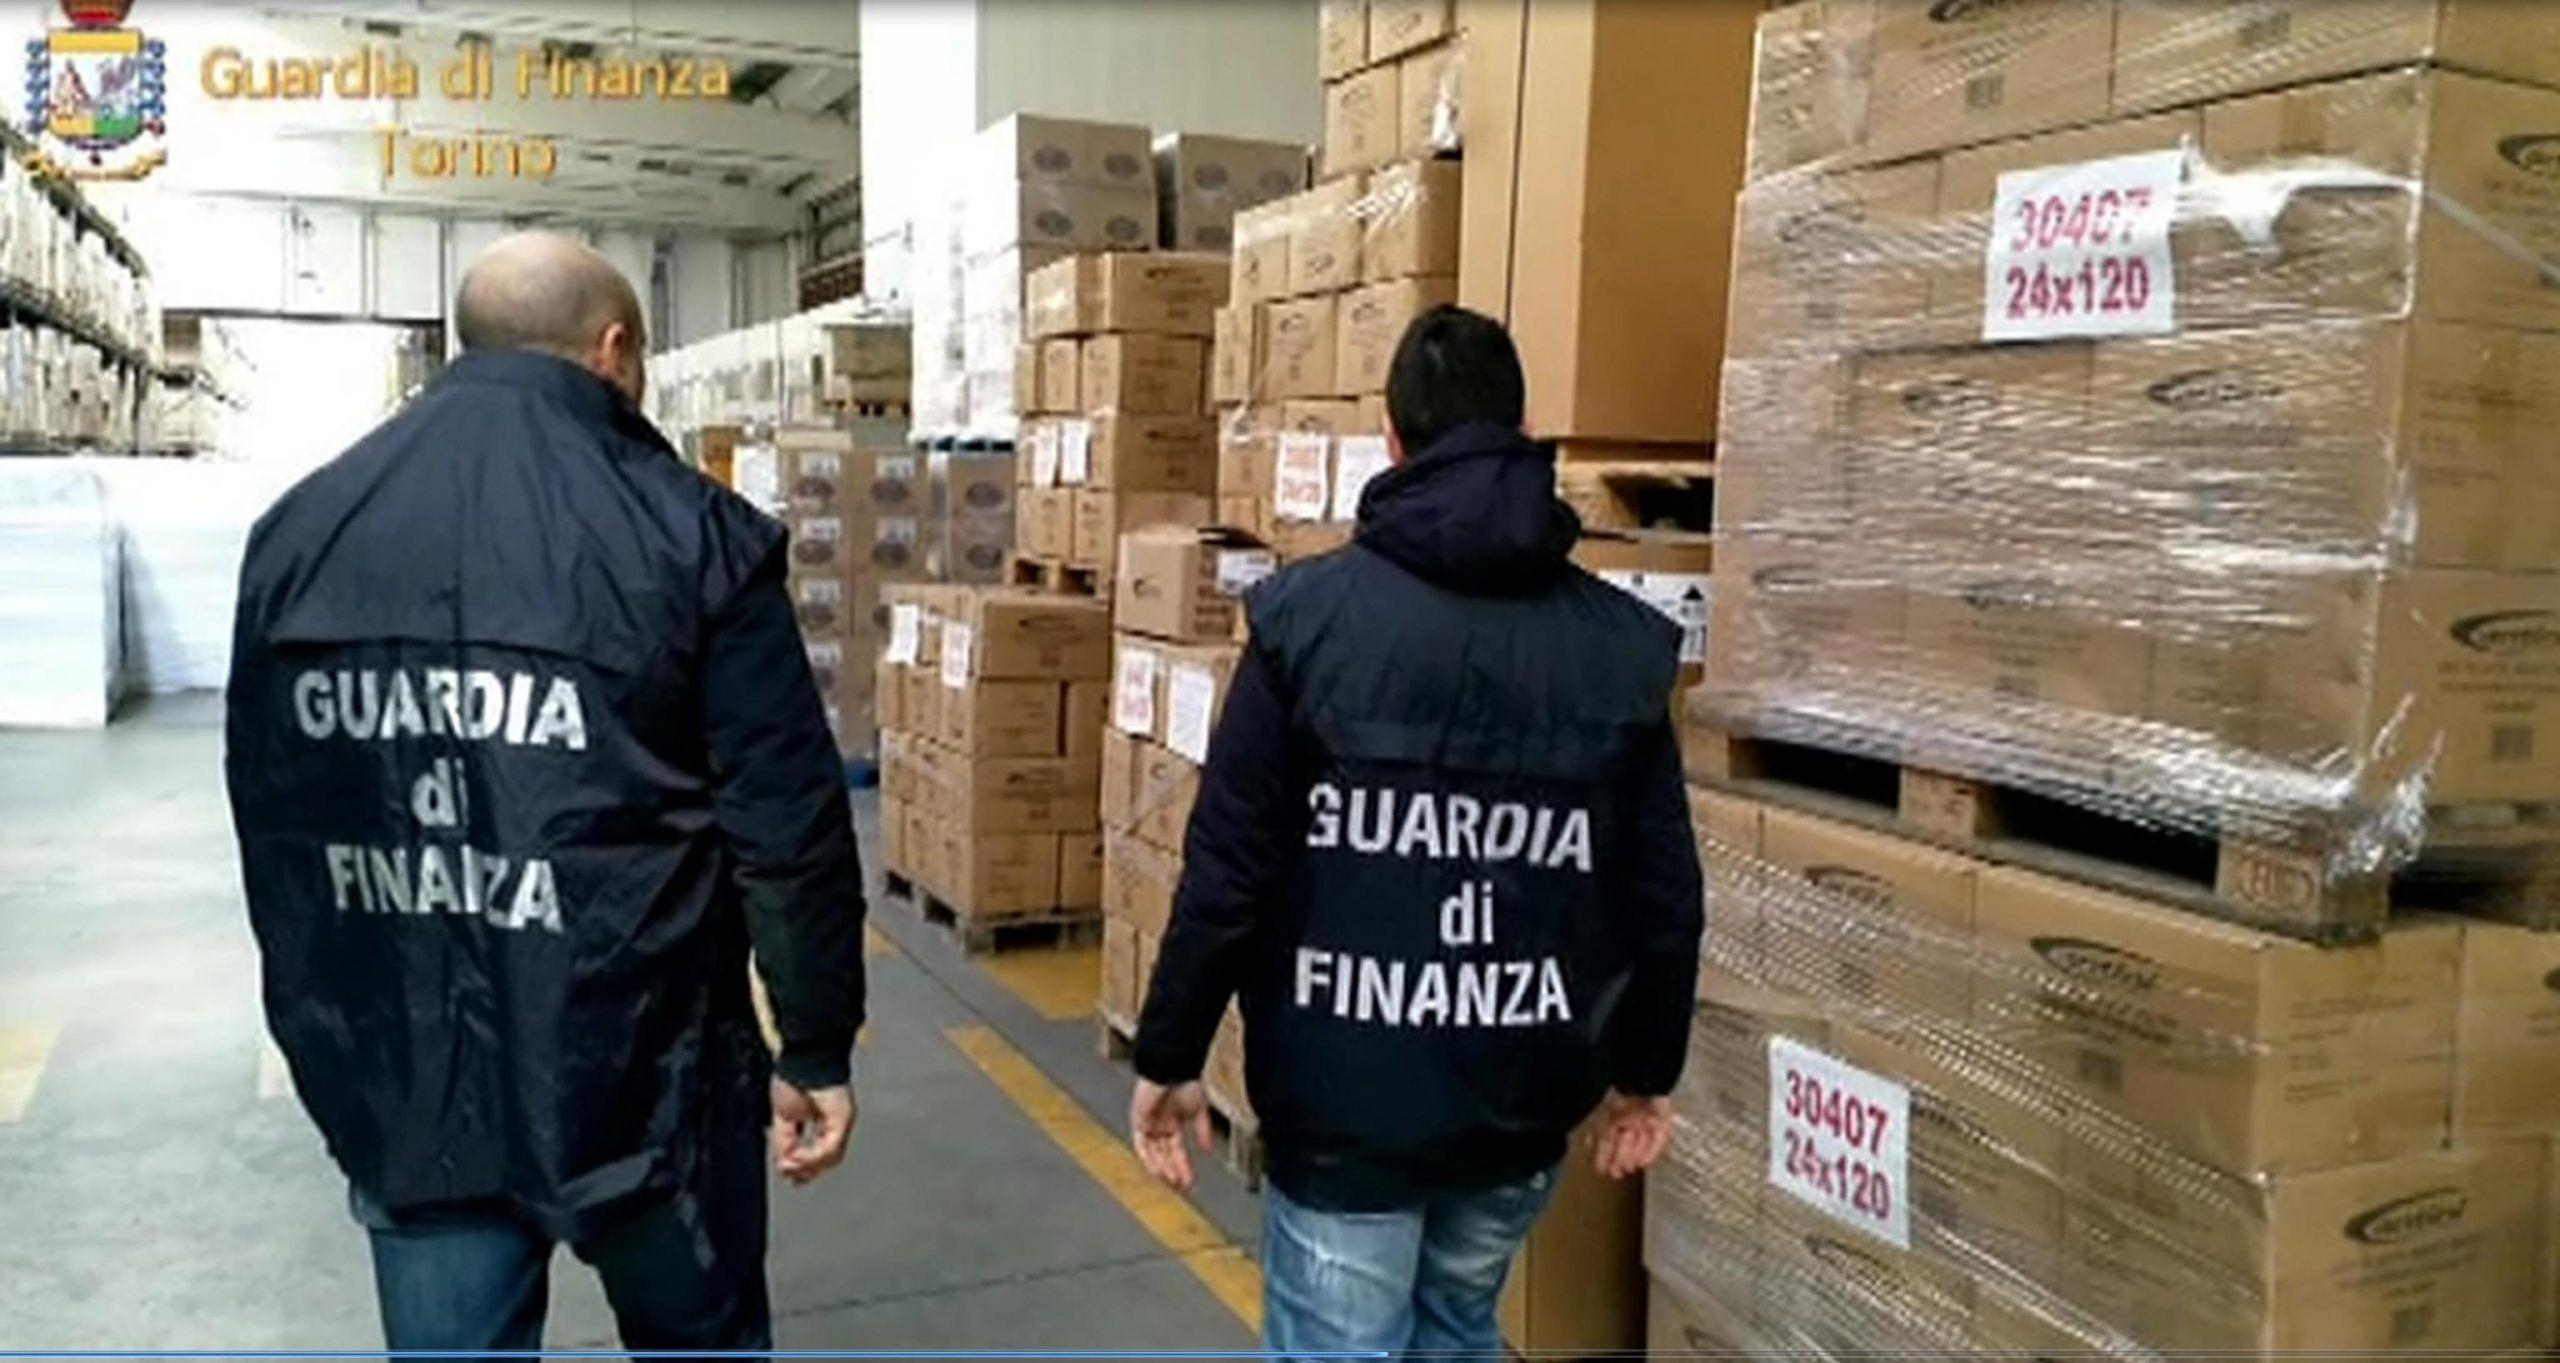 La colla cinese era nociva, sequestri in tutta Italia